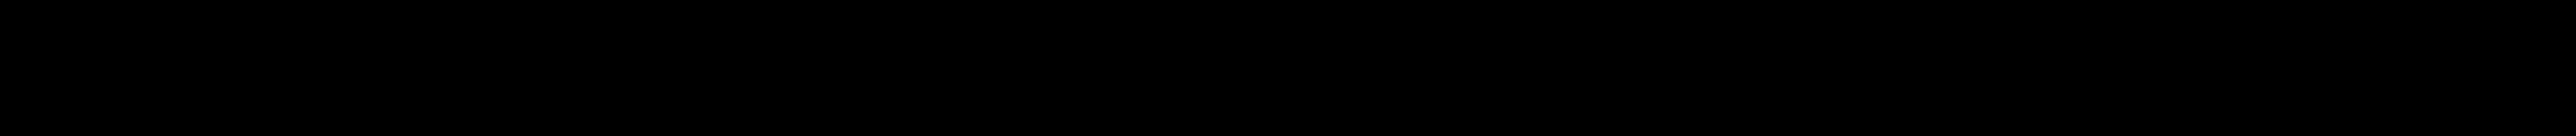 Maquereaux au fenouil, citron et speck